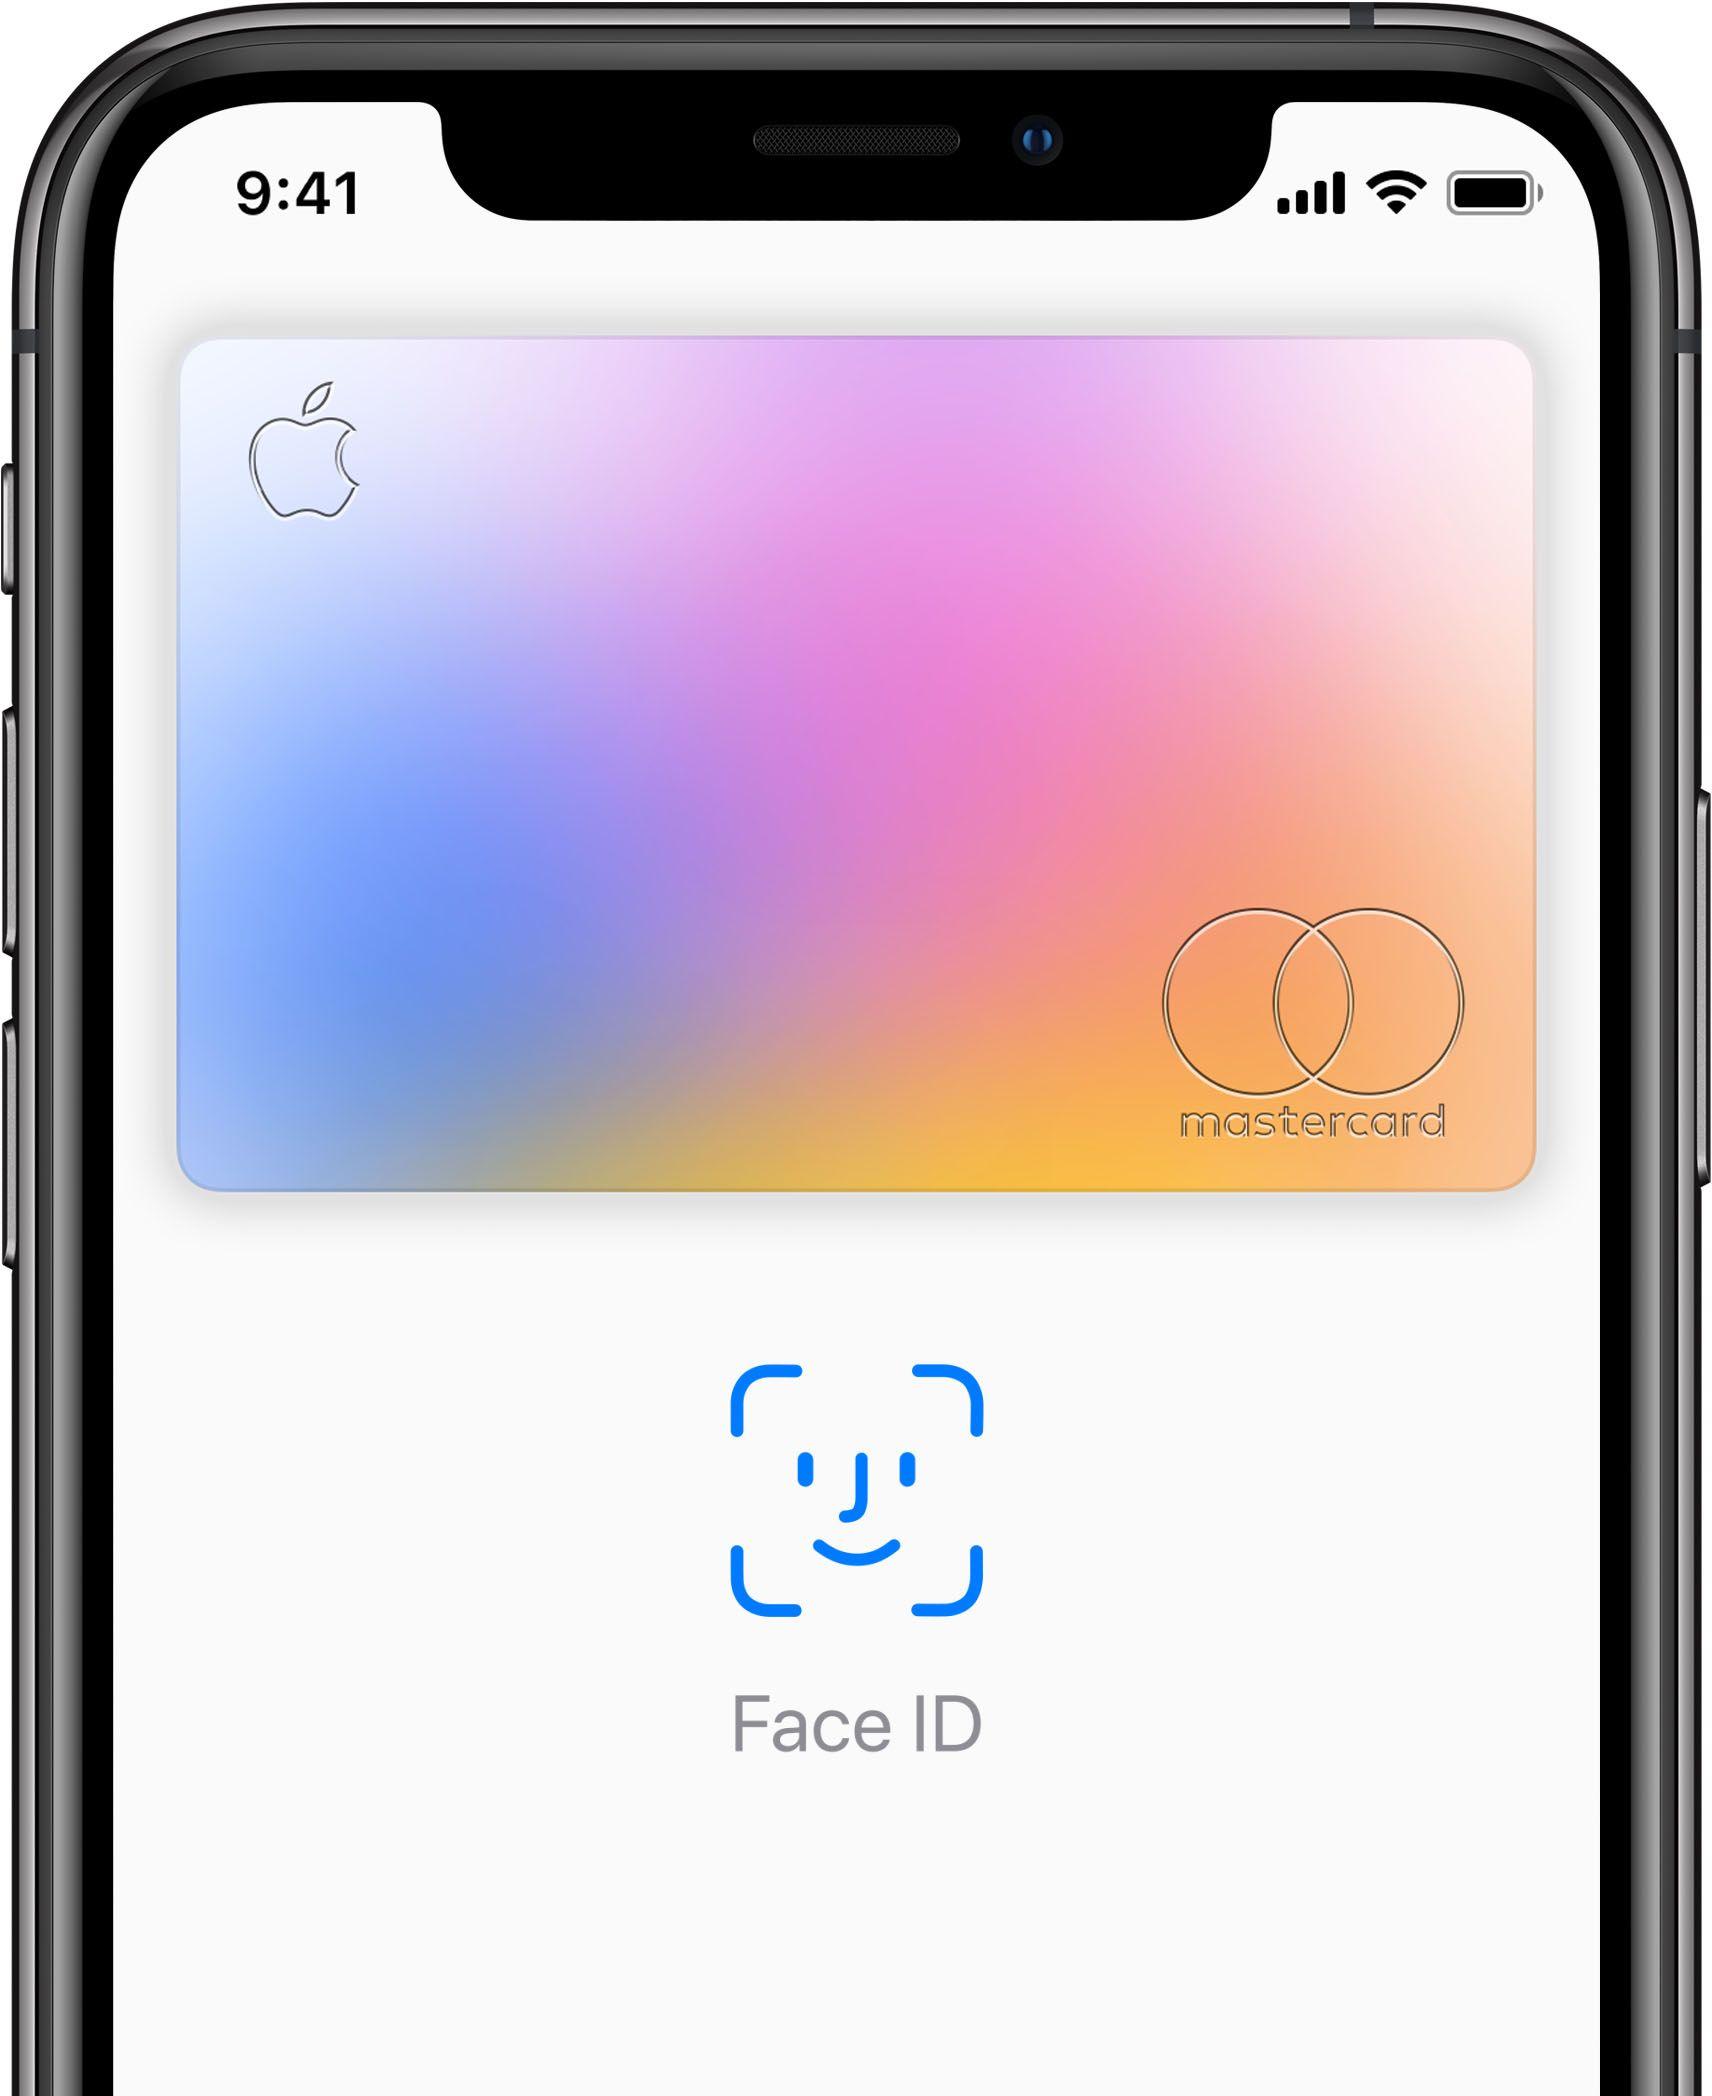 Apple card face id